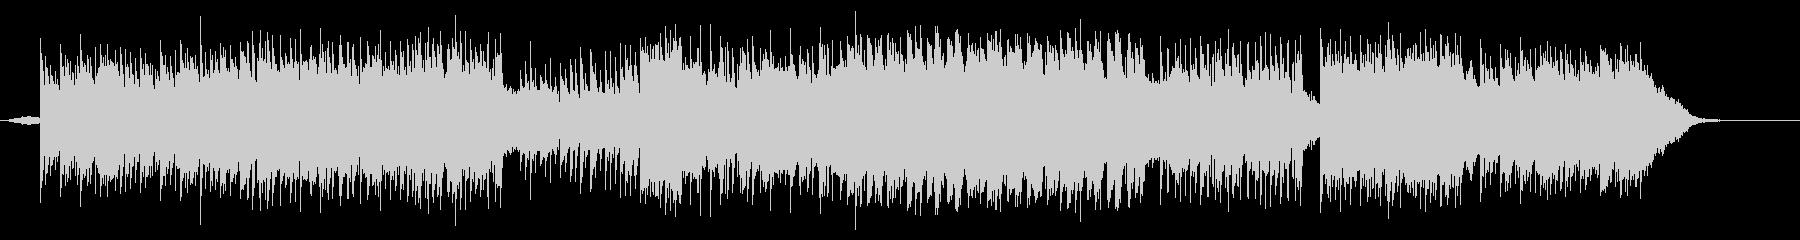 代替案 ポップ 現代的 交響曲 ア...の未再生の波形